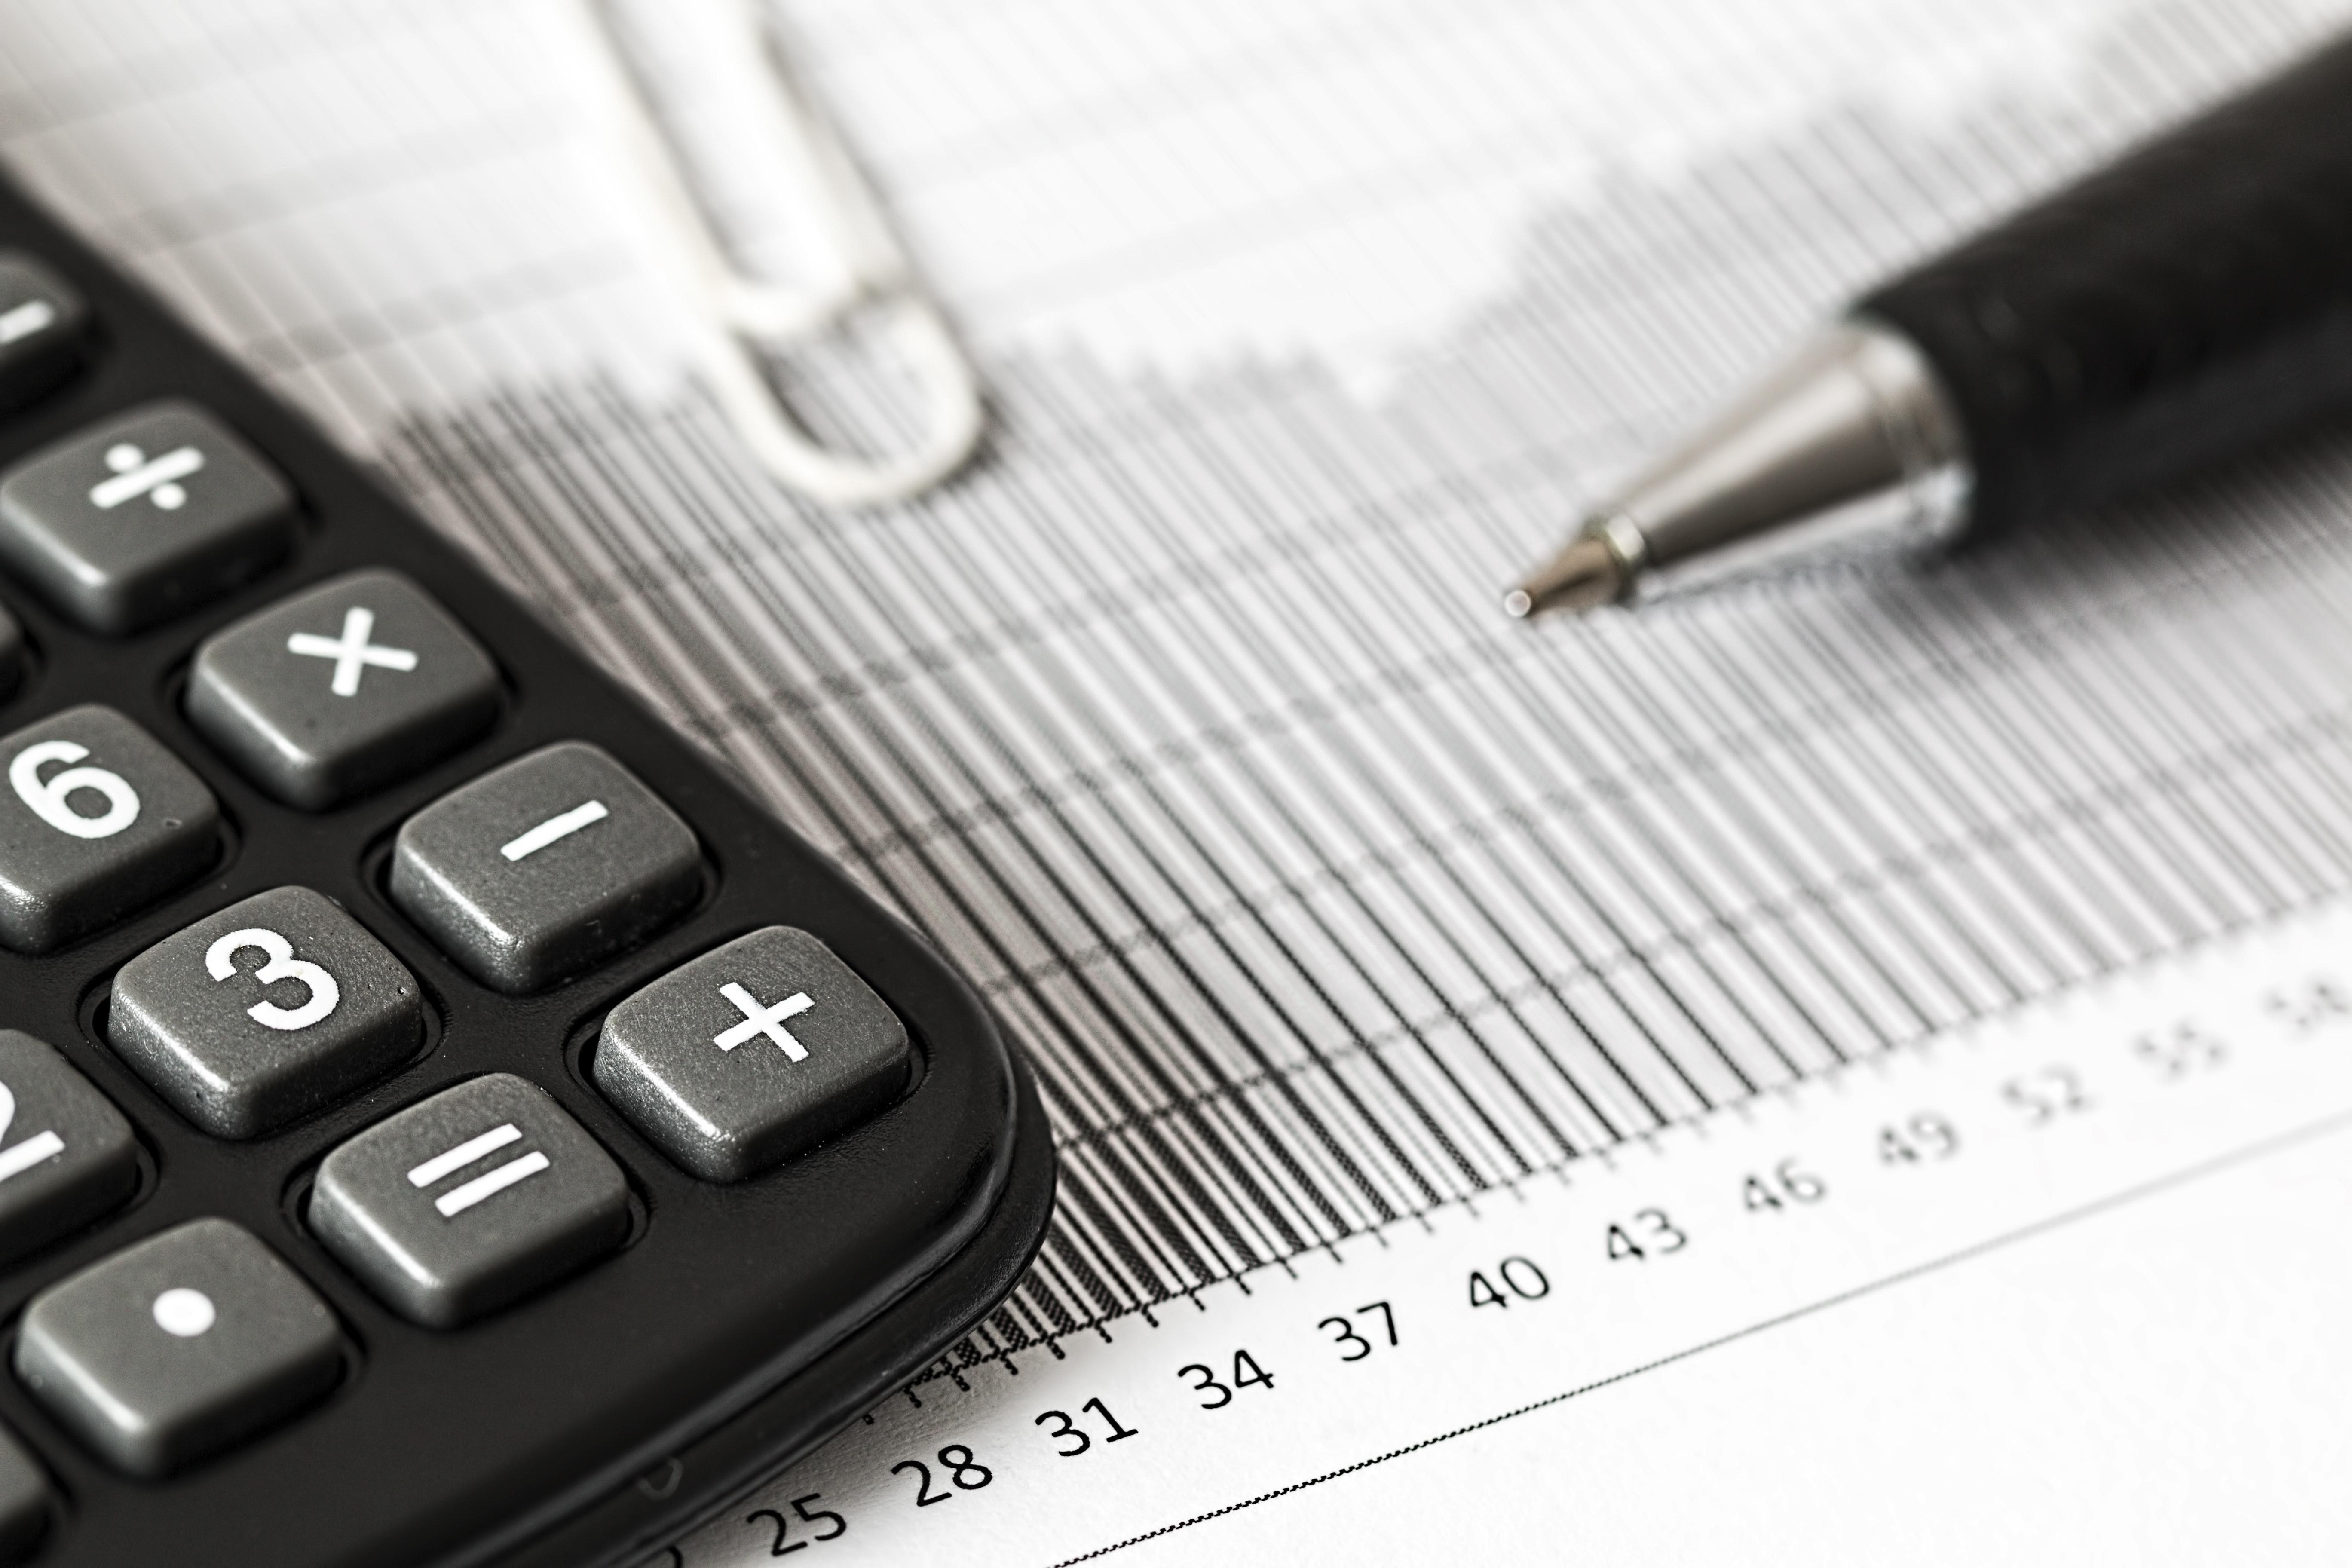 Imagem de caneta, papéis com números e calculadora para representar a prática de estudo de viabilidade